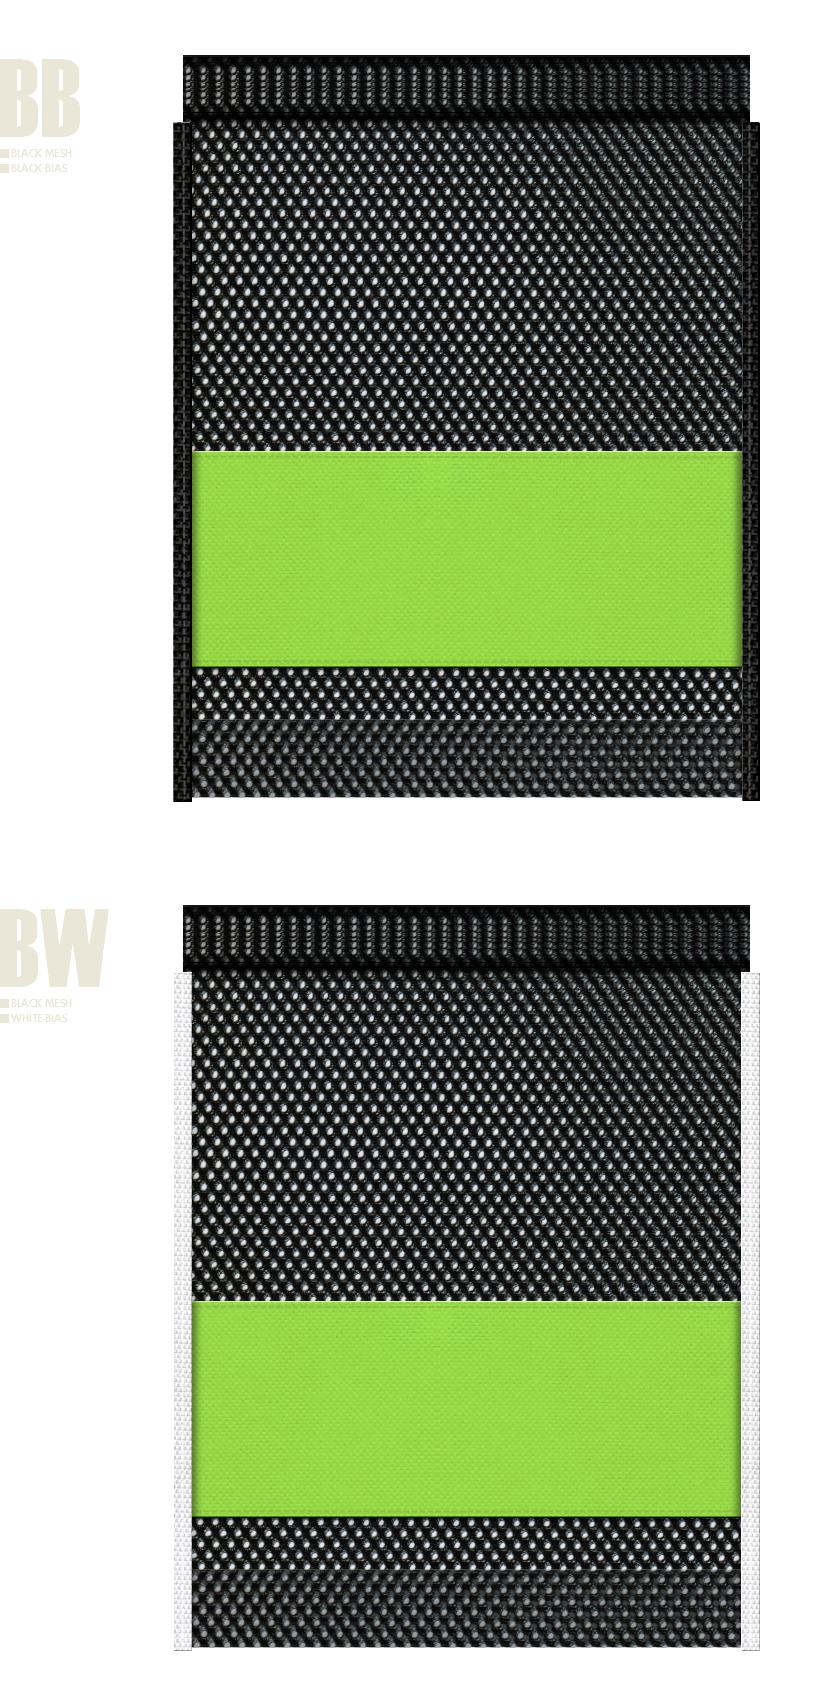 黒色メッシュと黄緑色不織布のメッシュバッグカラーシミュレーション:キャンプ用品・アウトドア用品・スポーツ用品・シューズバッグにお奨め